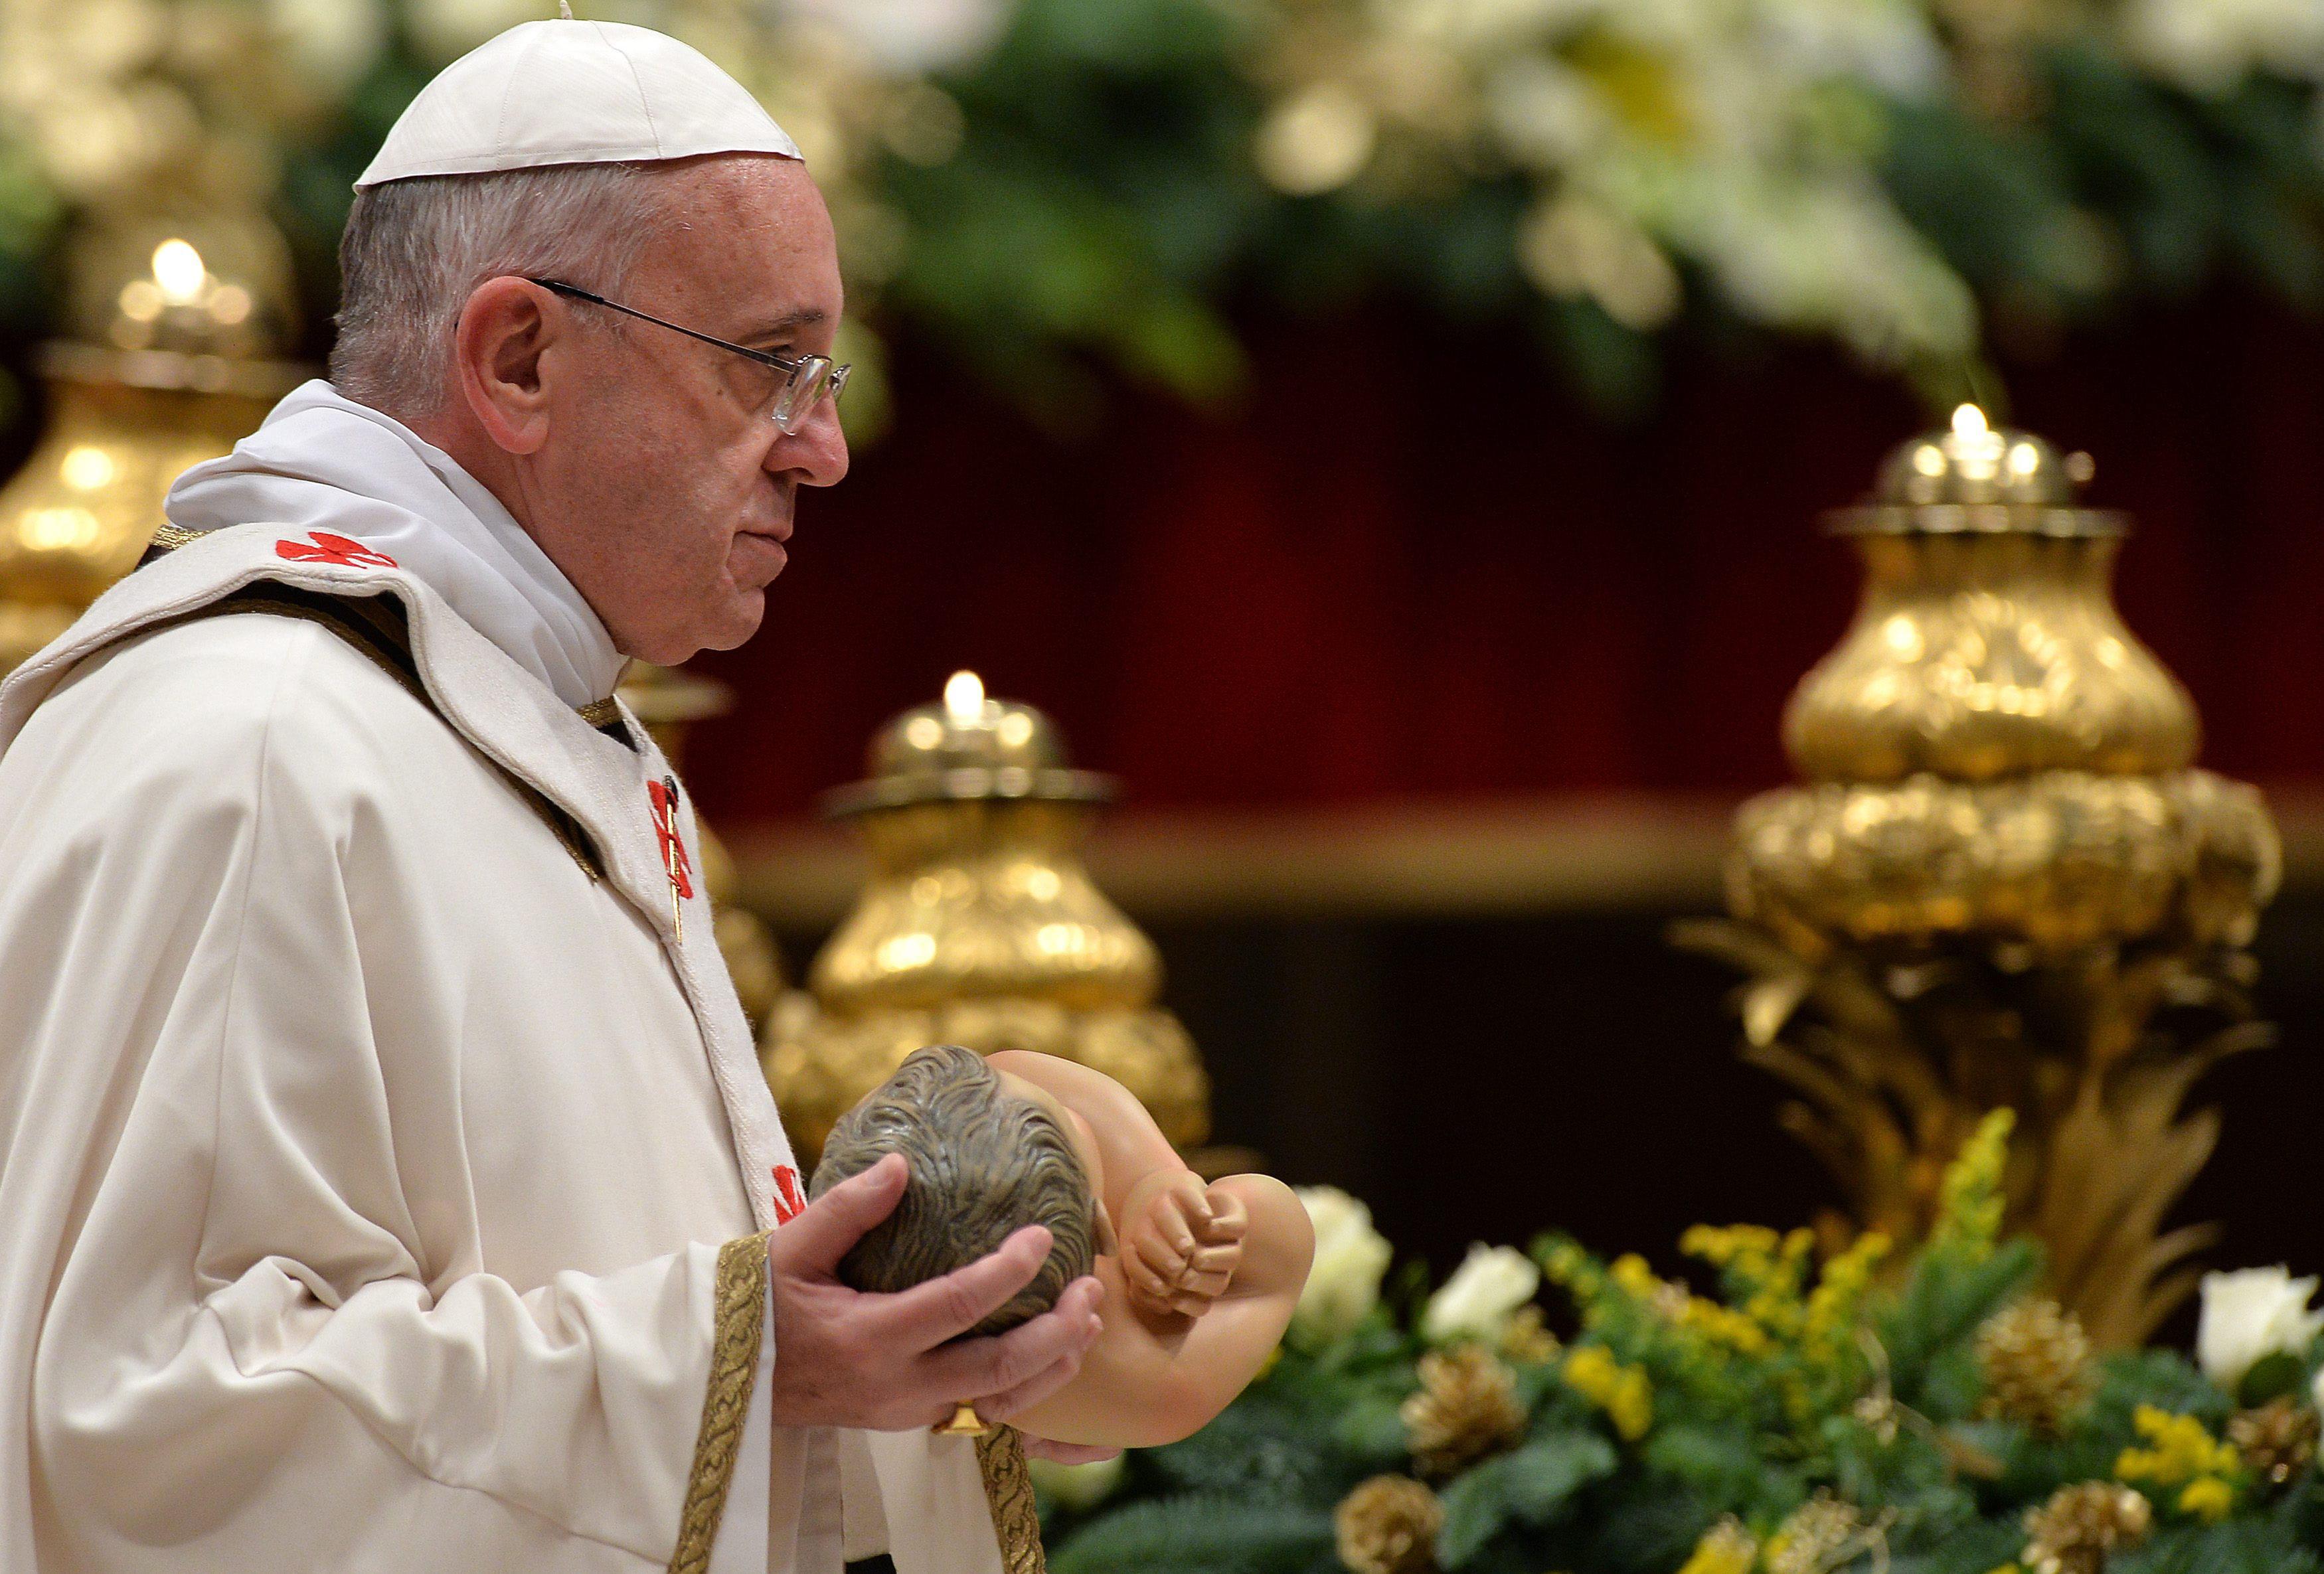 El papa dedicó su mensaje de Navidad a pedir la paz en todo el mundo